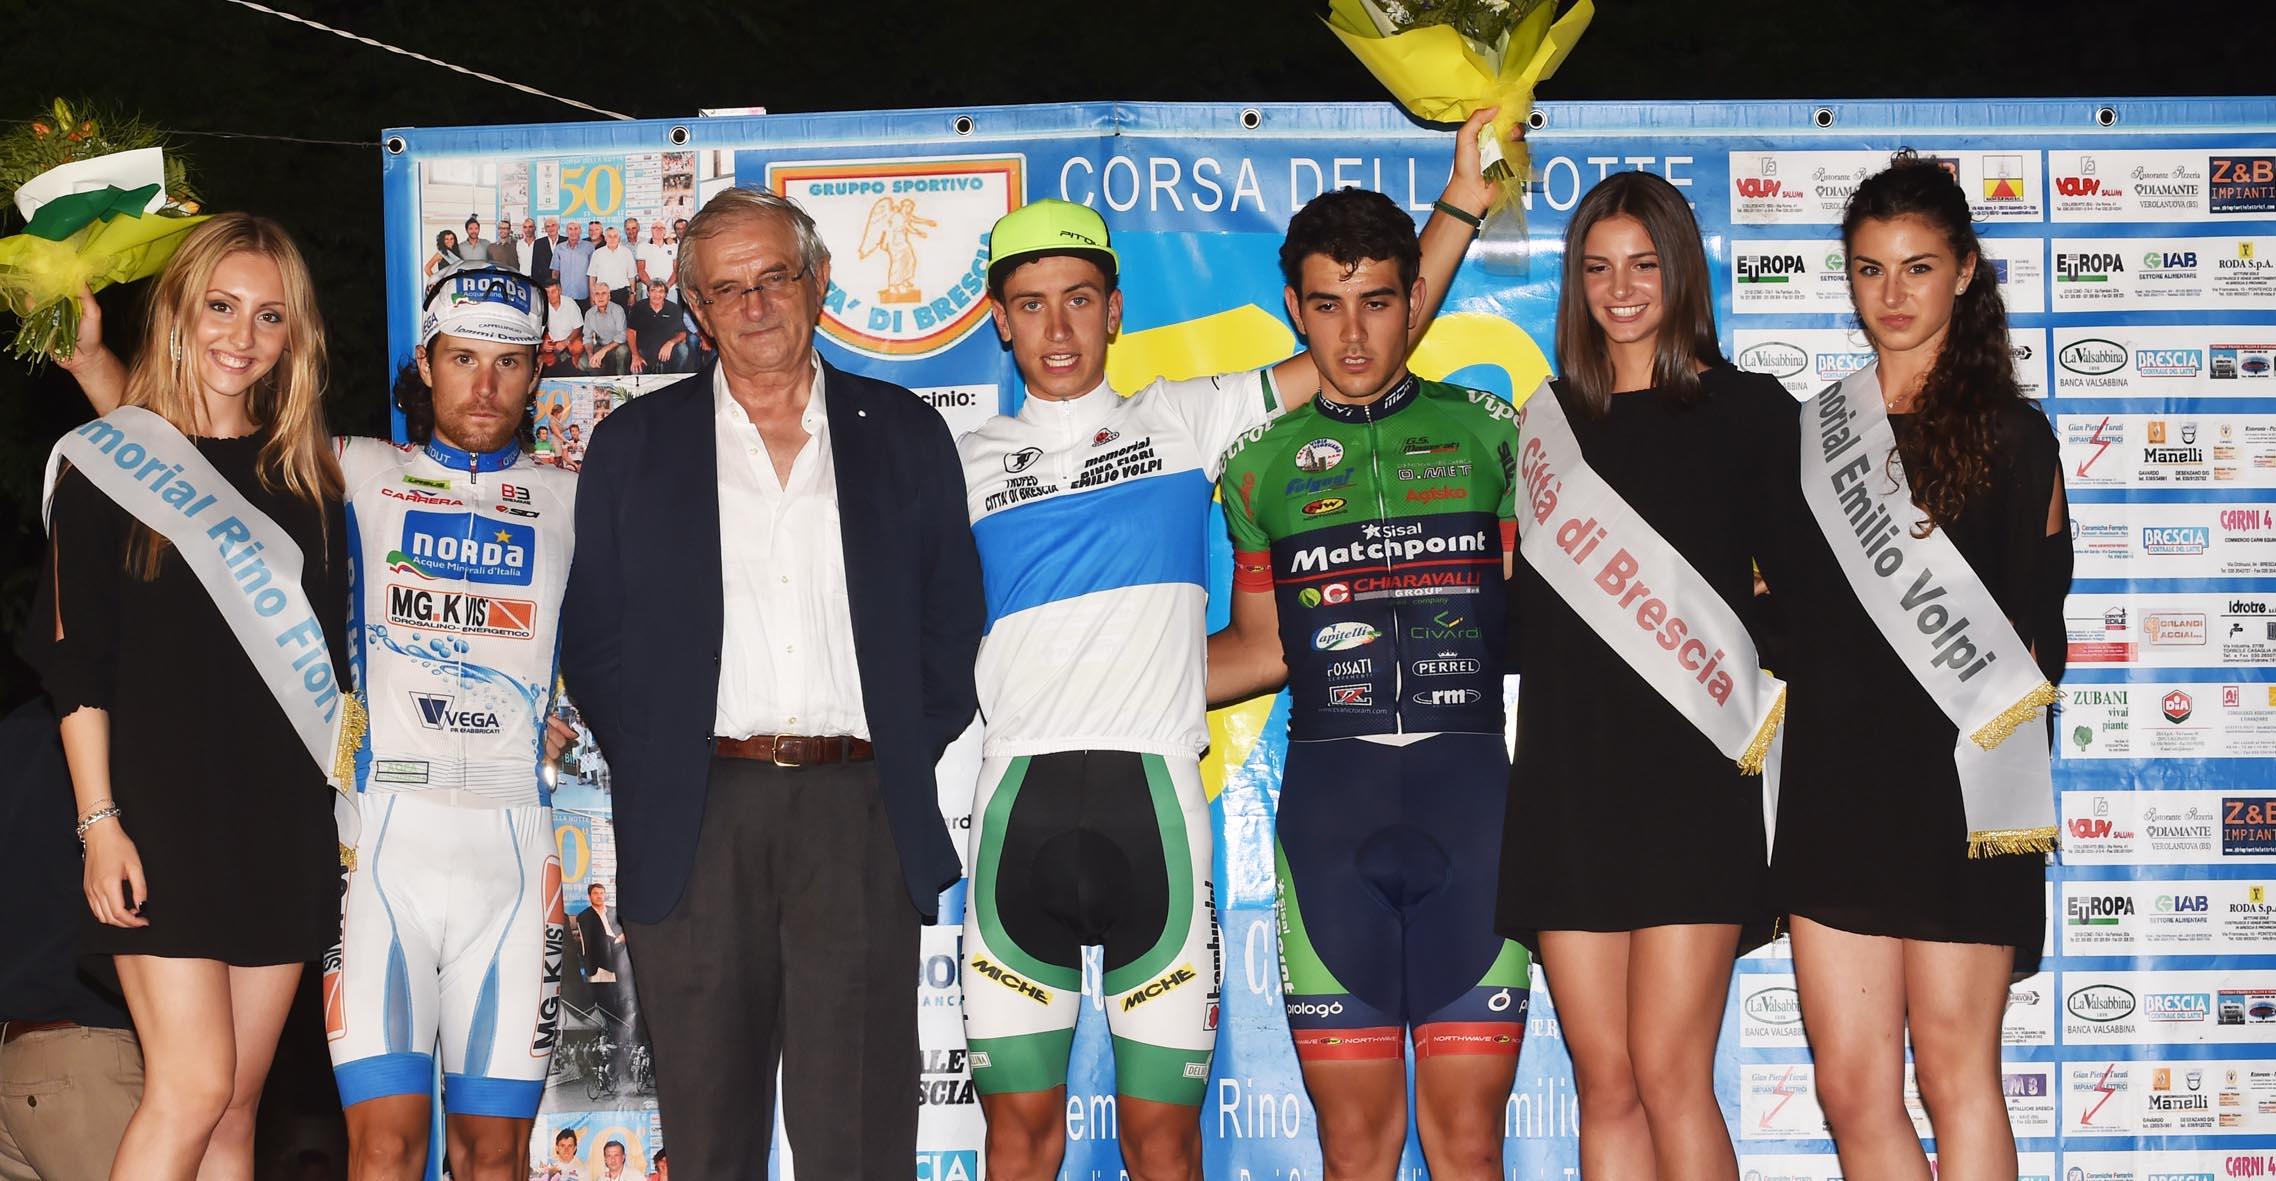 Il podio del Trofeo Città di Brescia 2016